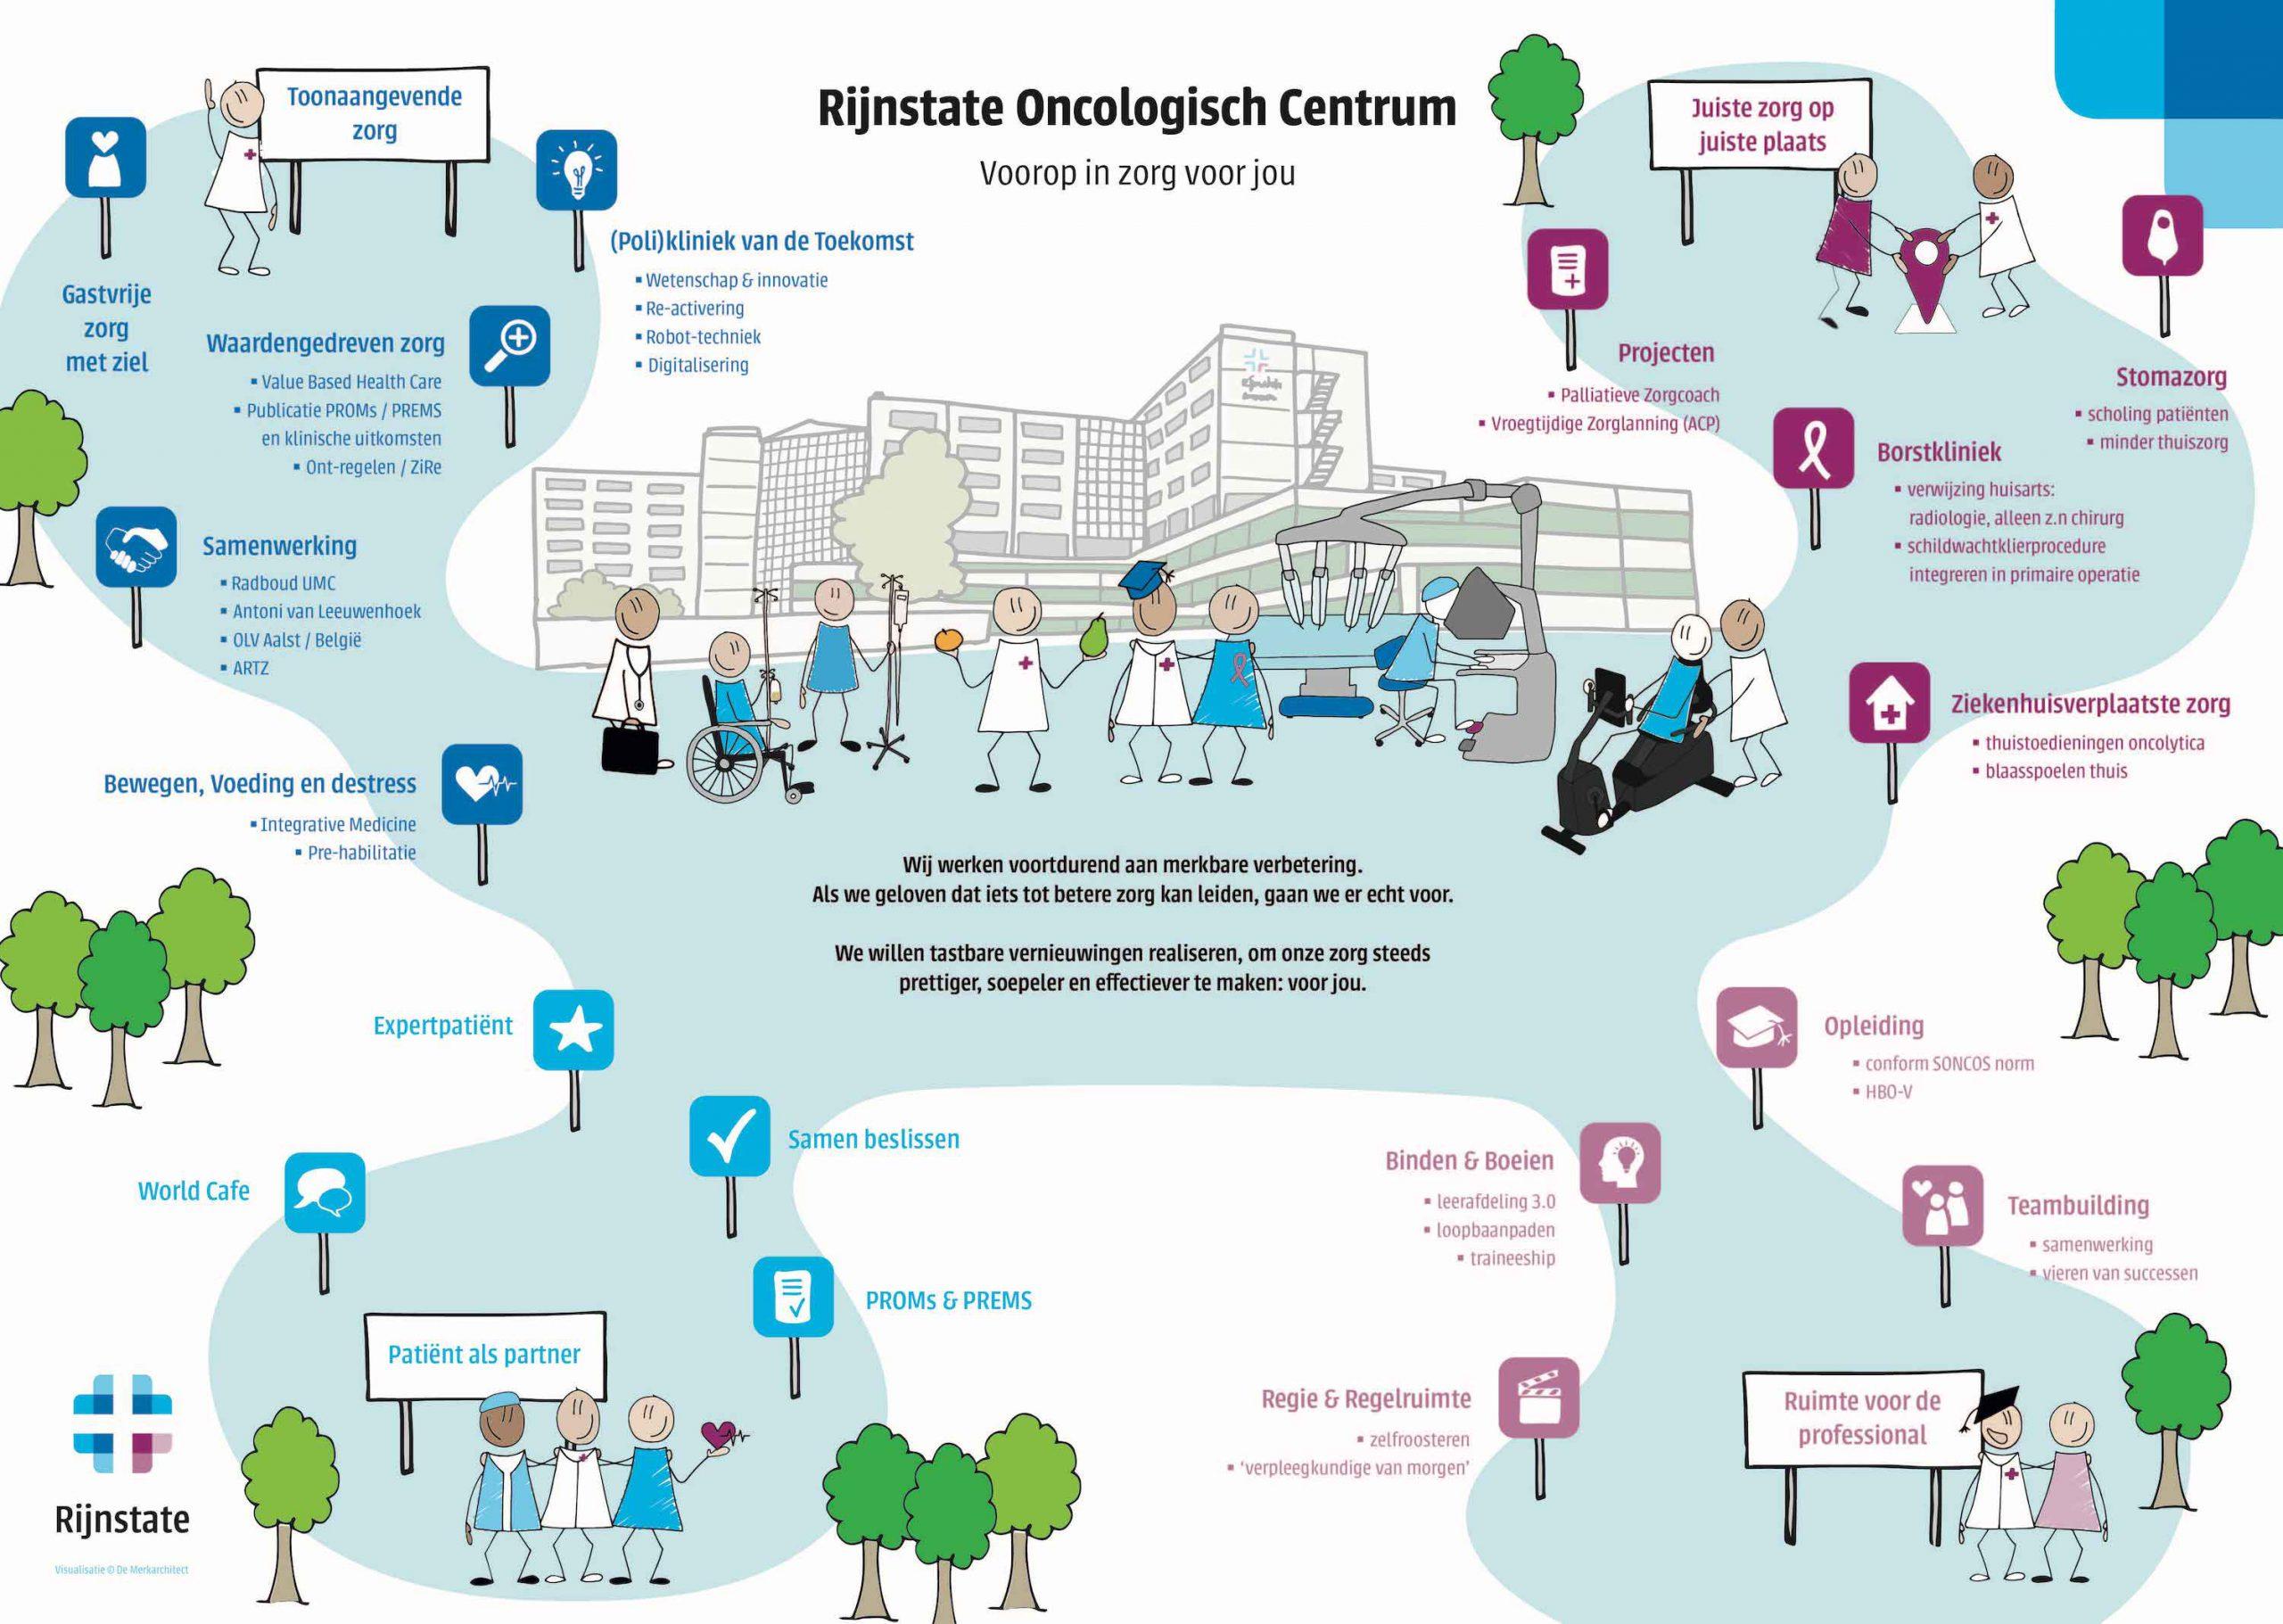 afdelingsstrategie Oncologie Rijnstate Ziekenhuis